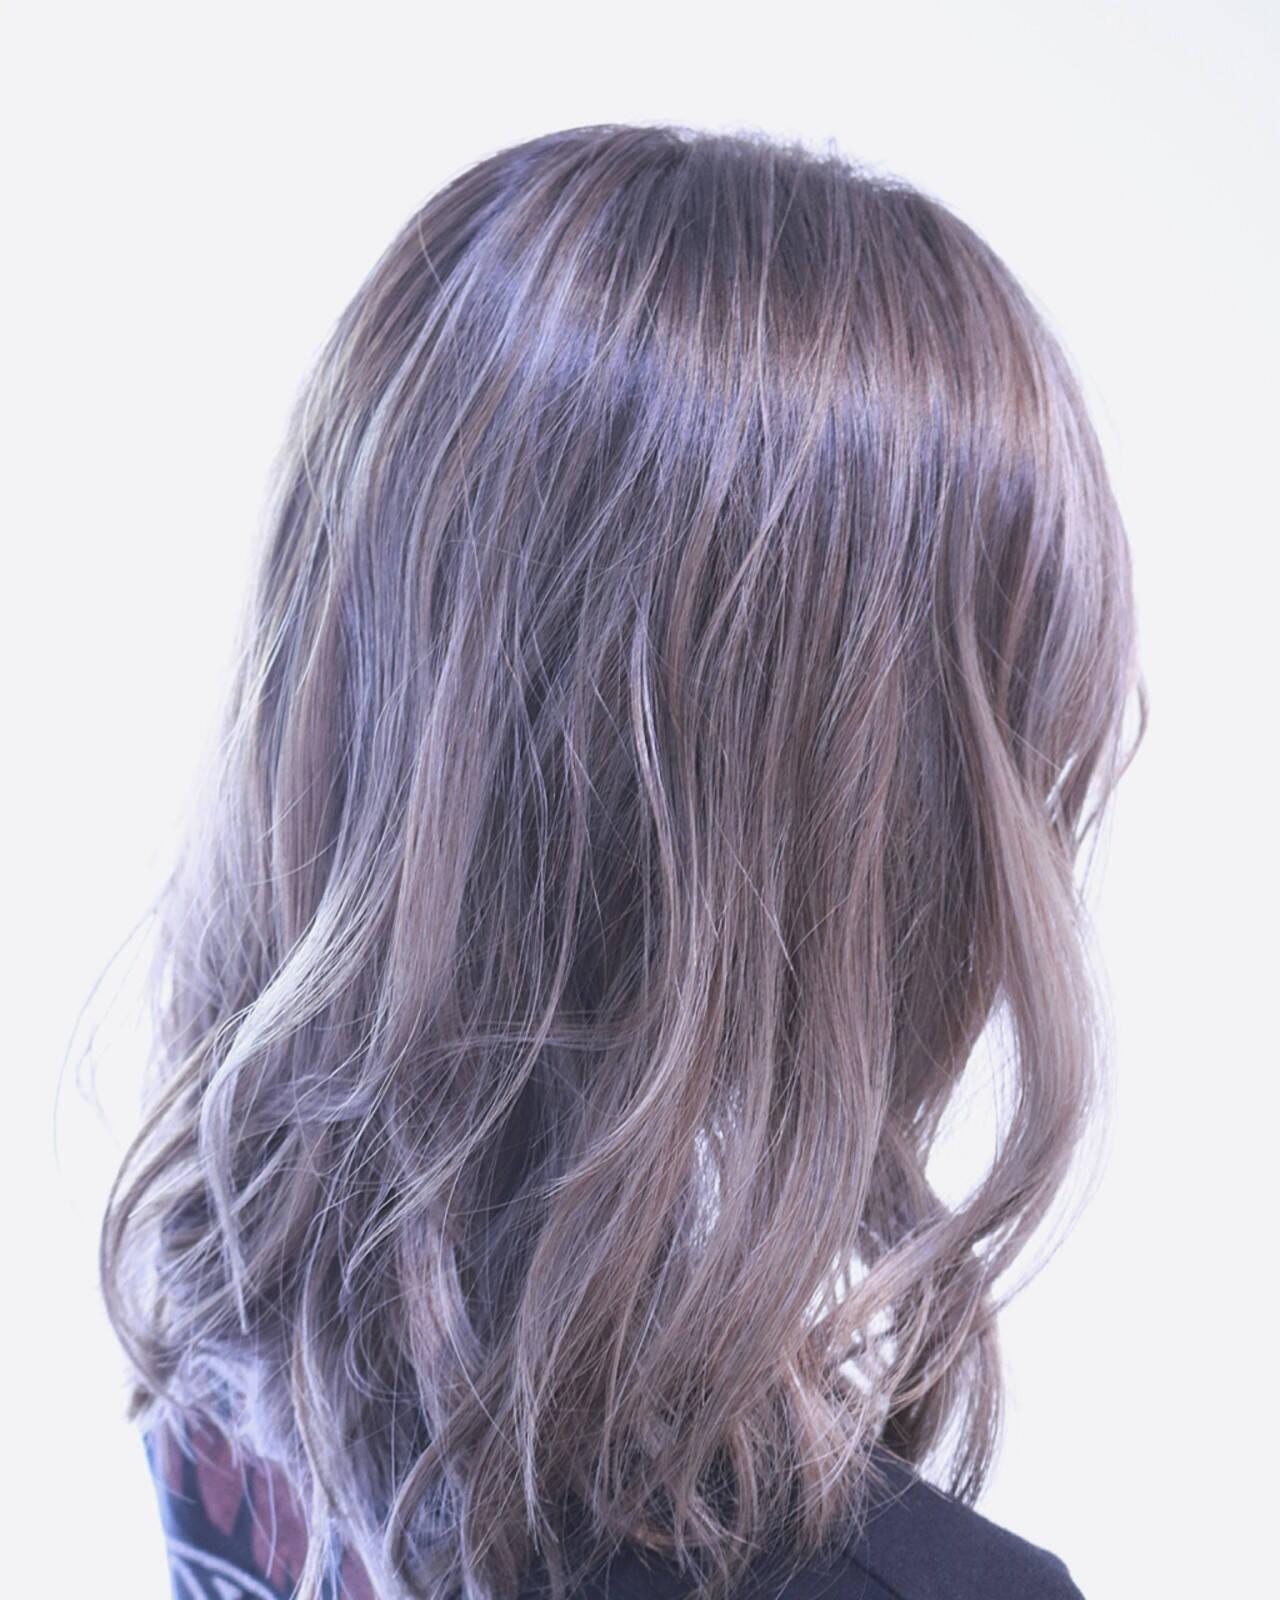 アンニュイ ボブ ウェーブ バレイヤージュヘアスタイルや髪型の写真・画像